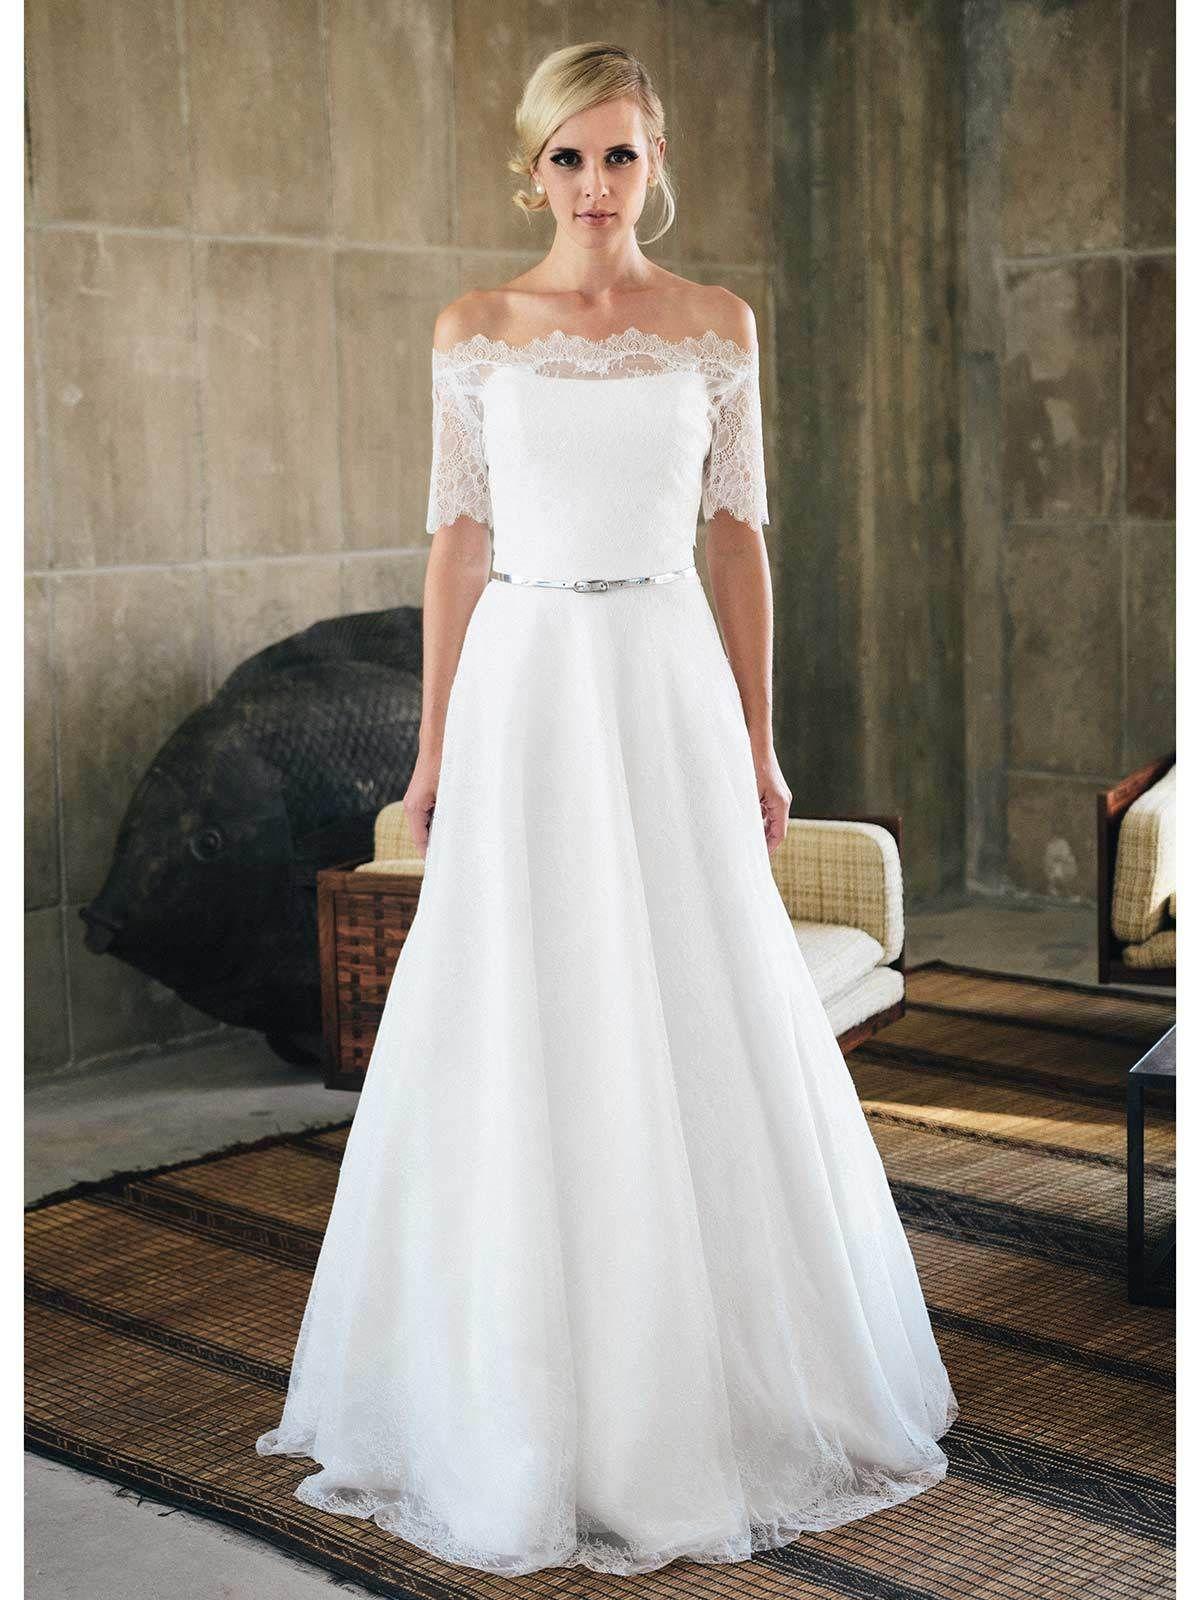 Küss die Braut Lindegger | Kleider | Pinterest | Die braut, Braut ...